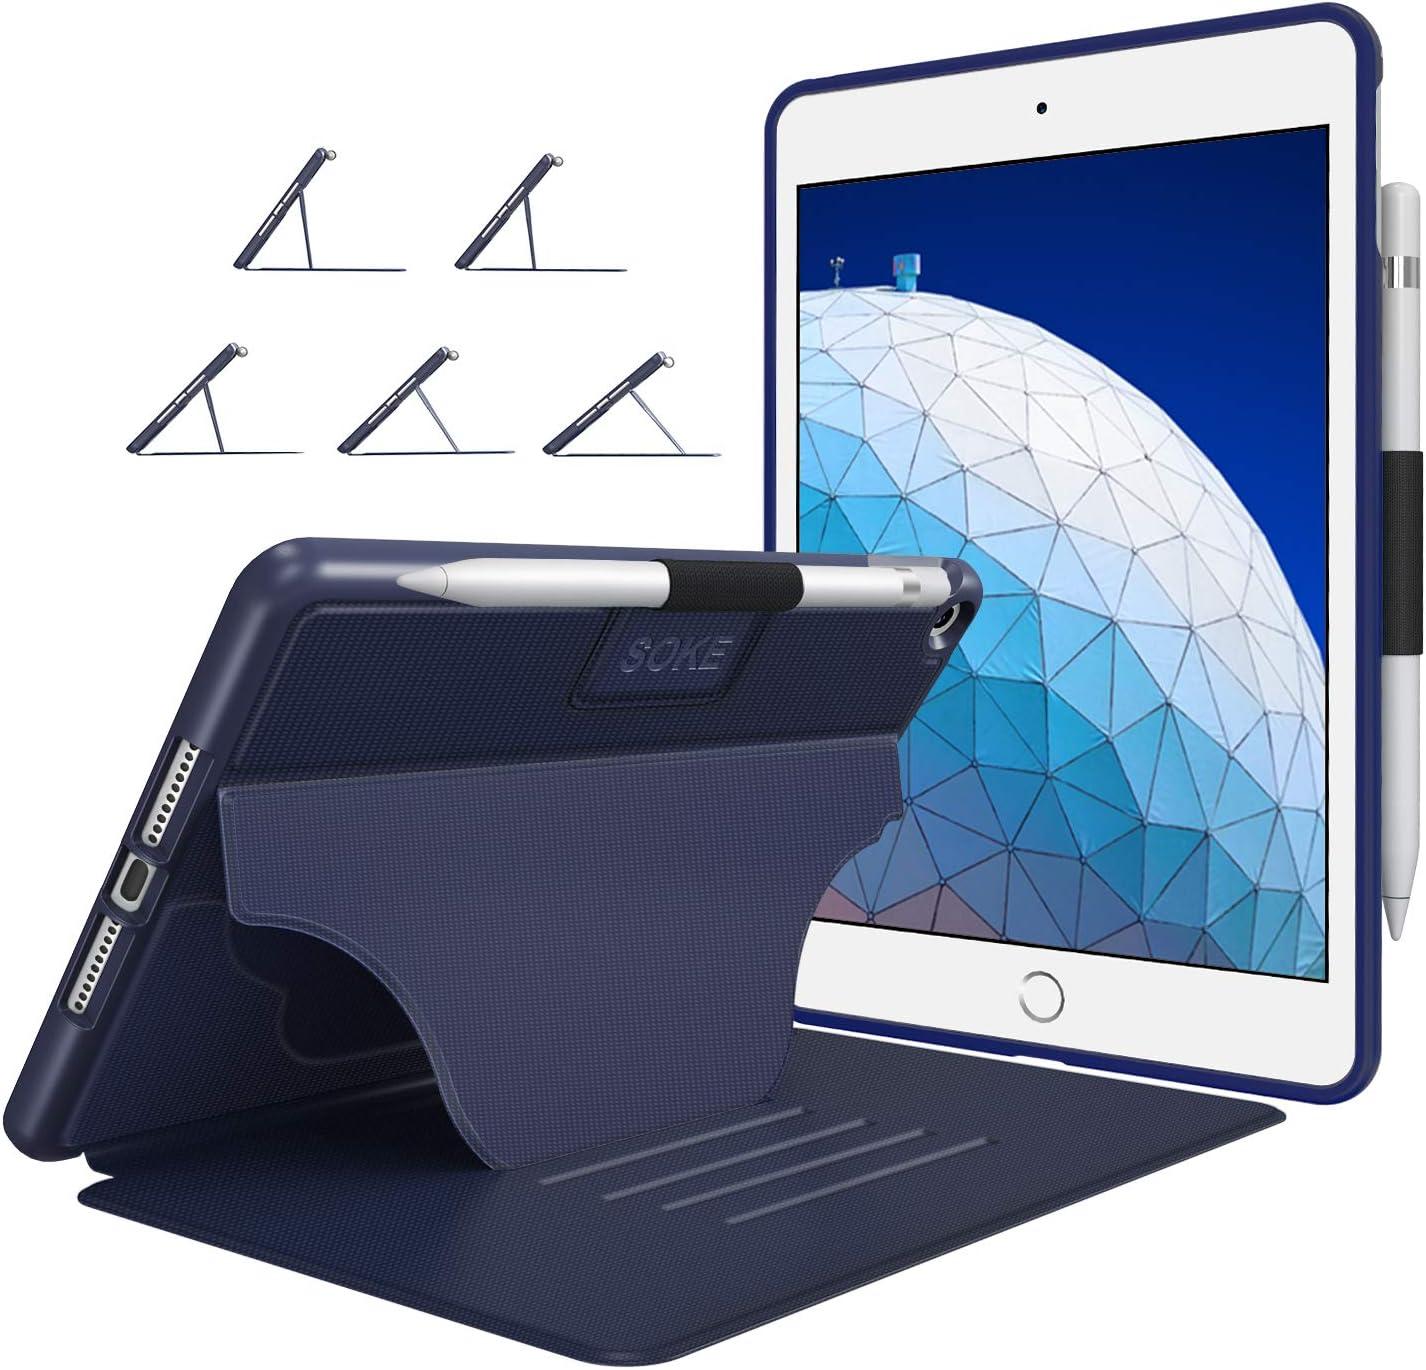 Funda Soke para iPad Air 3 Case 10.5 2019 Azul